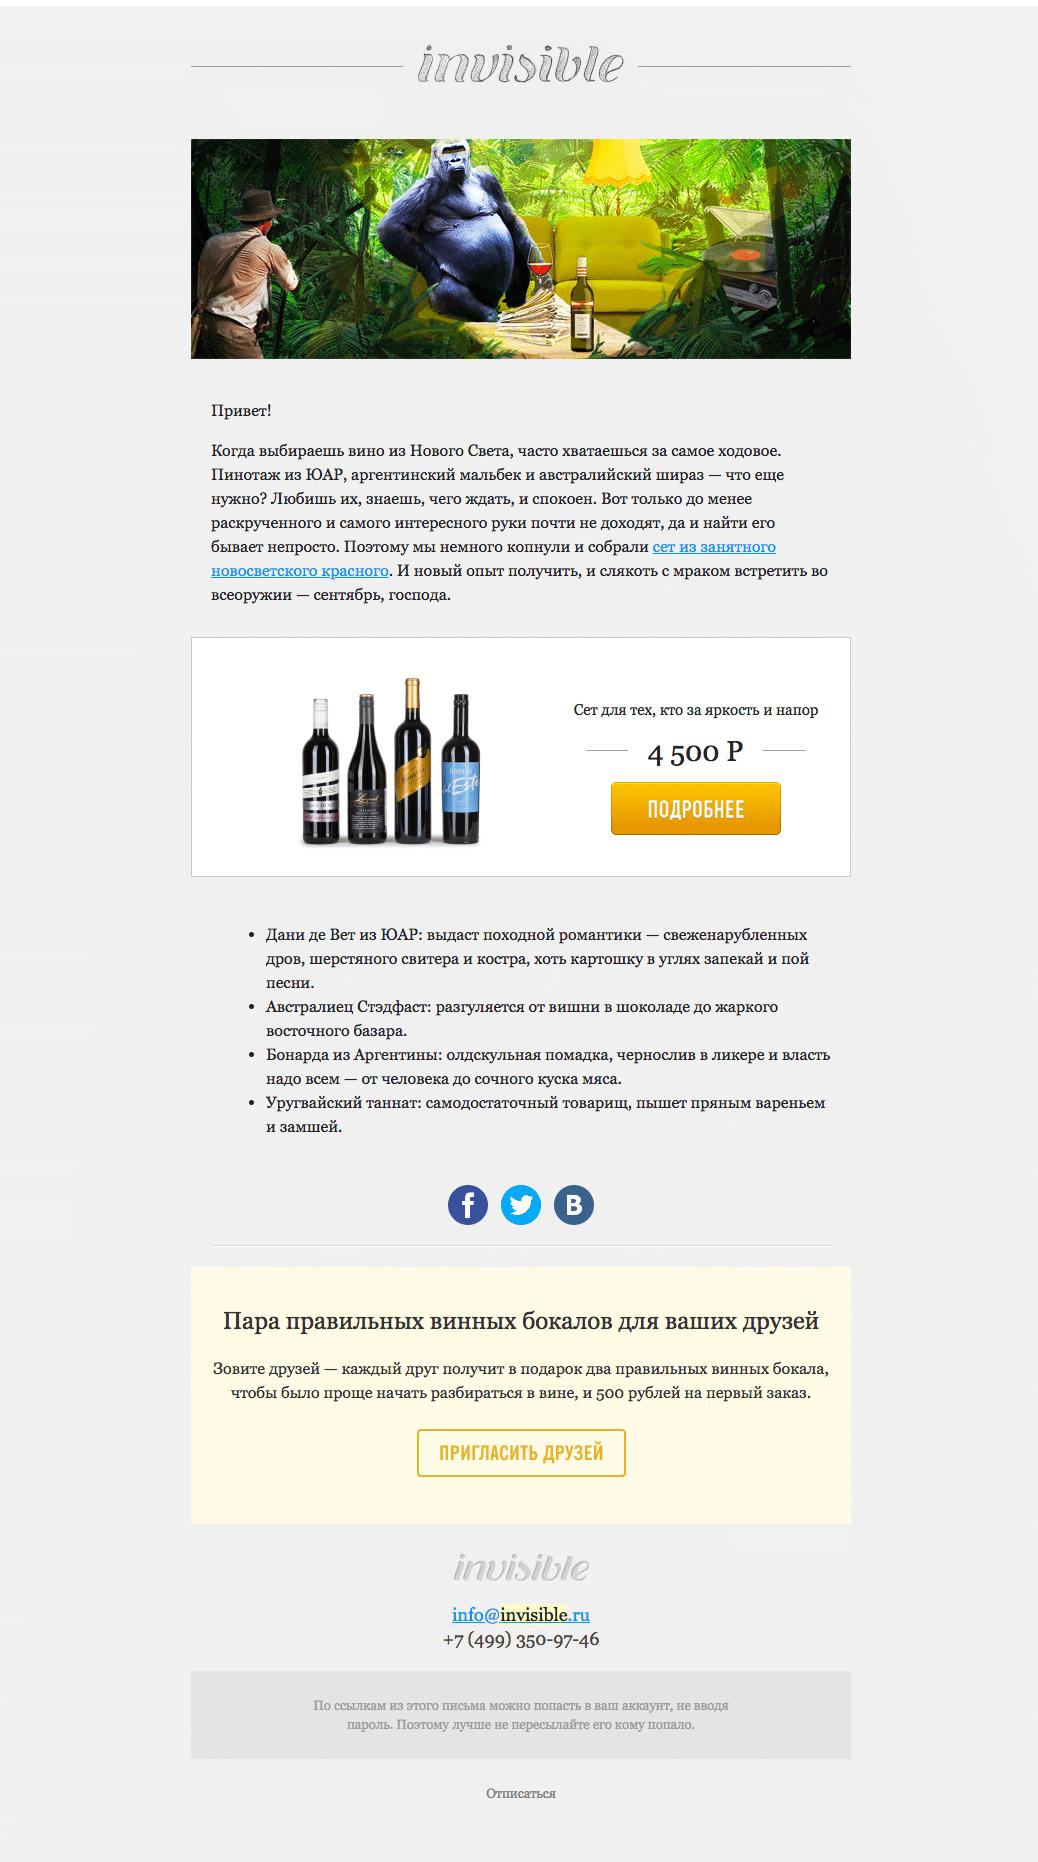 Необычная иллюстрация и фирменный текст в email-рассылке